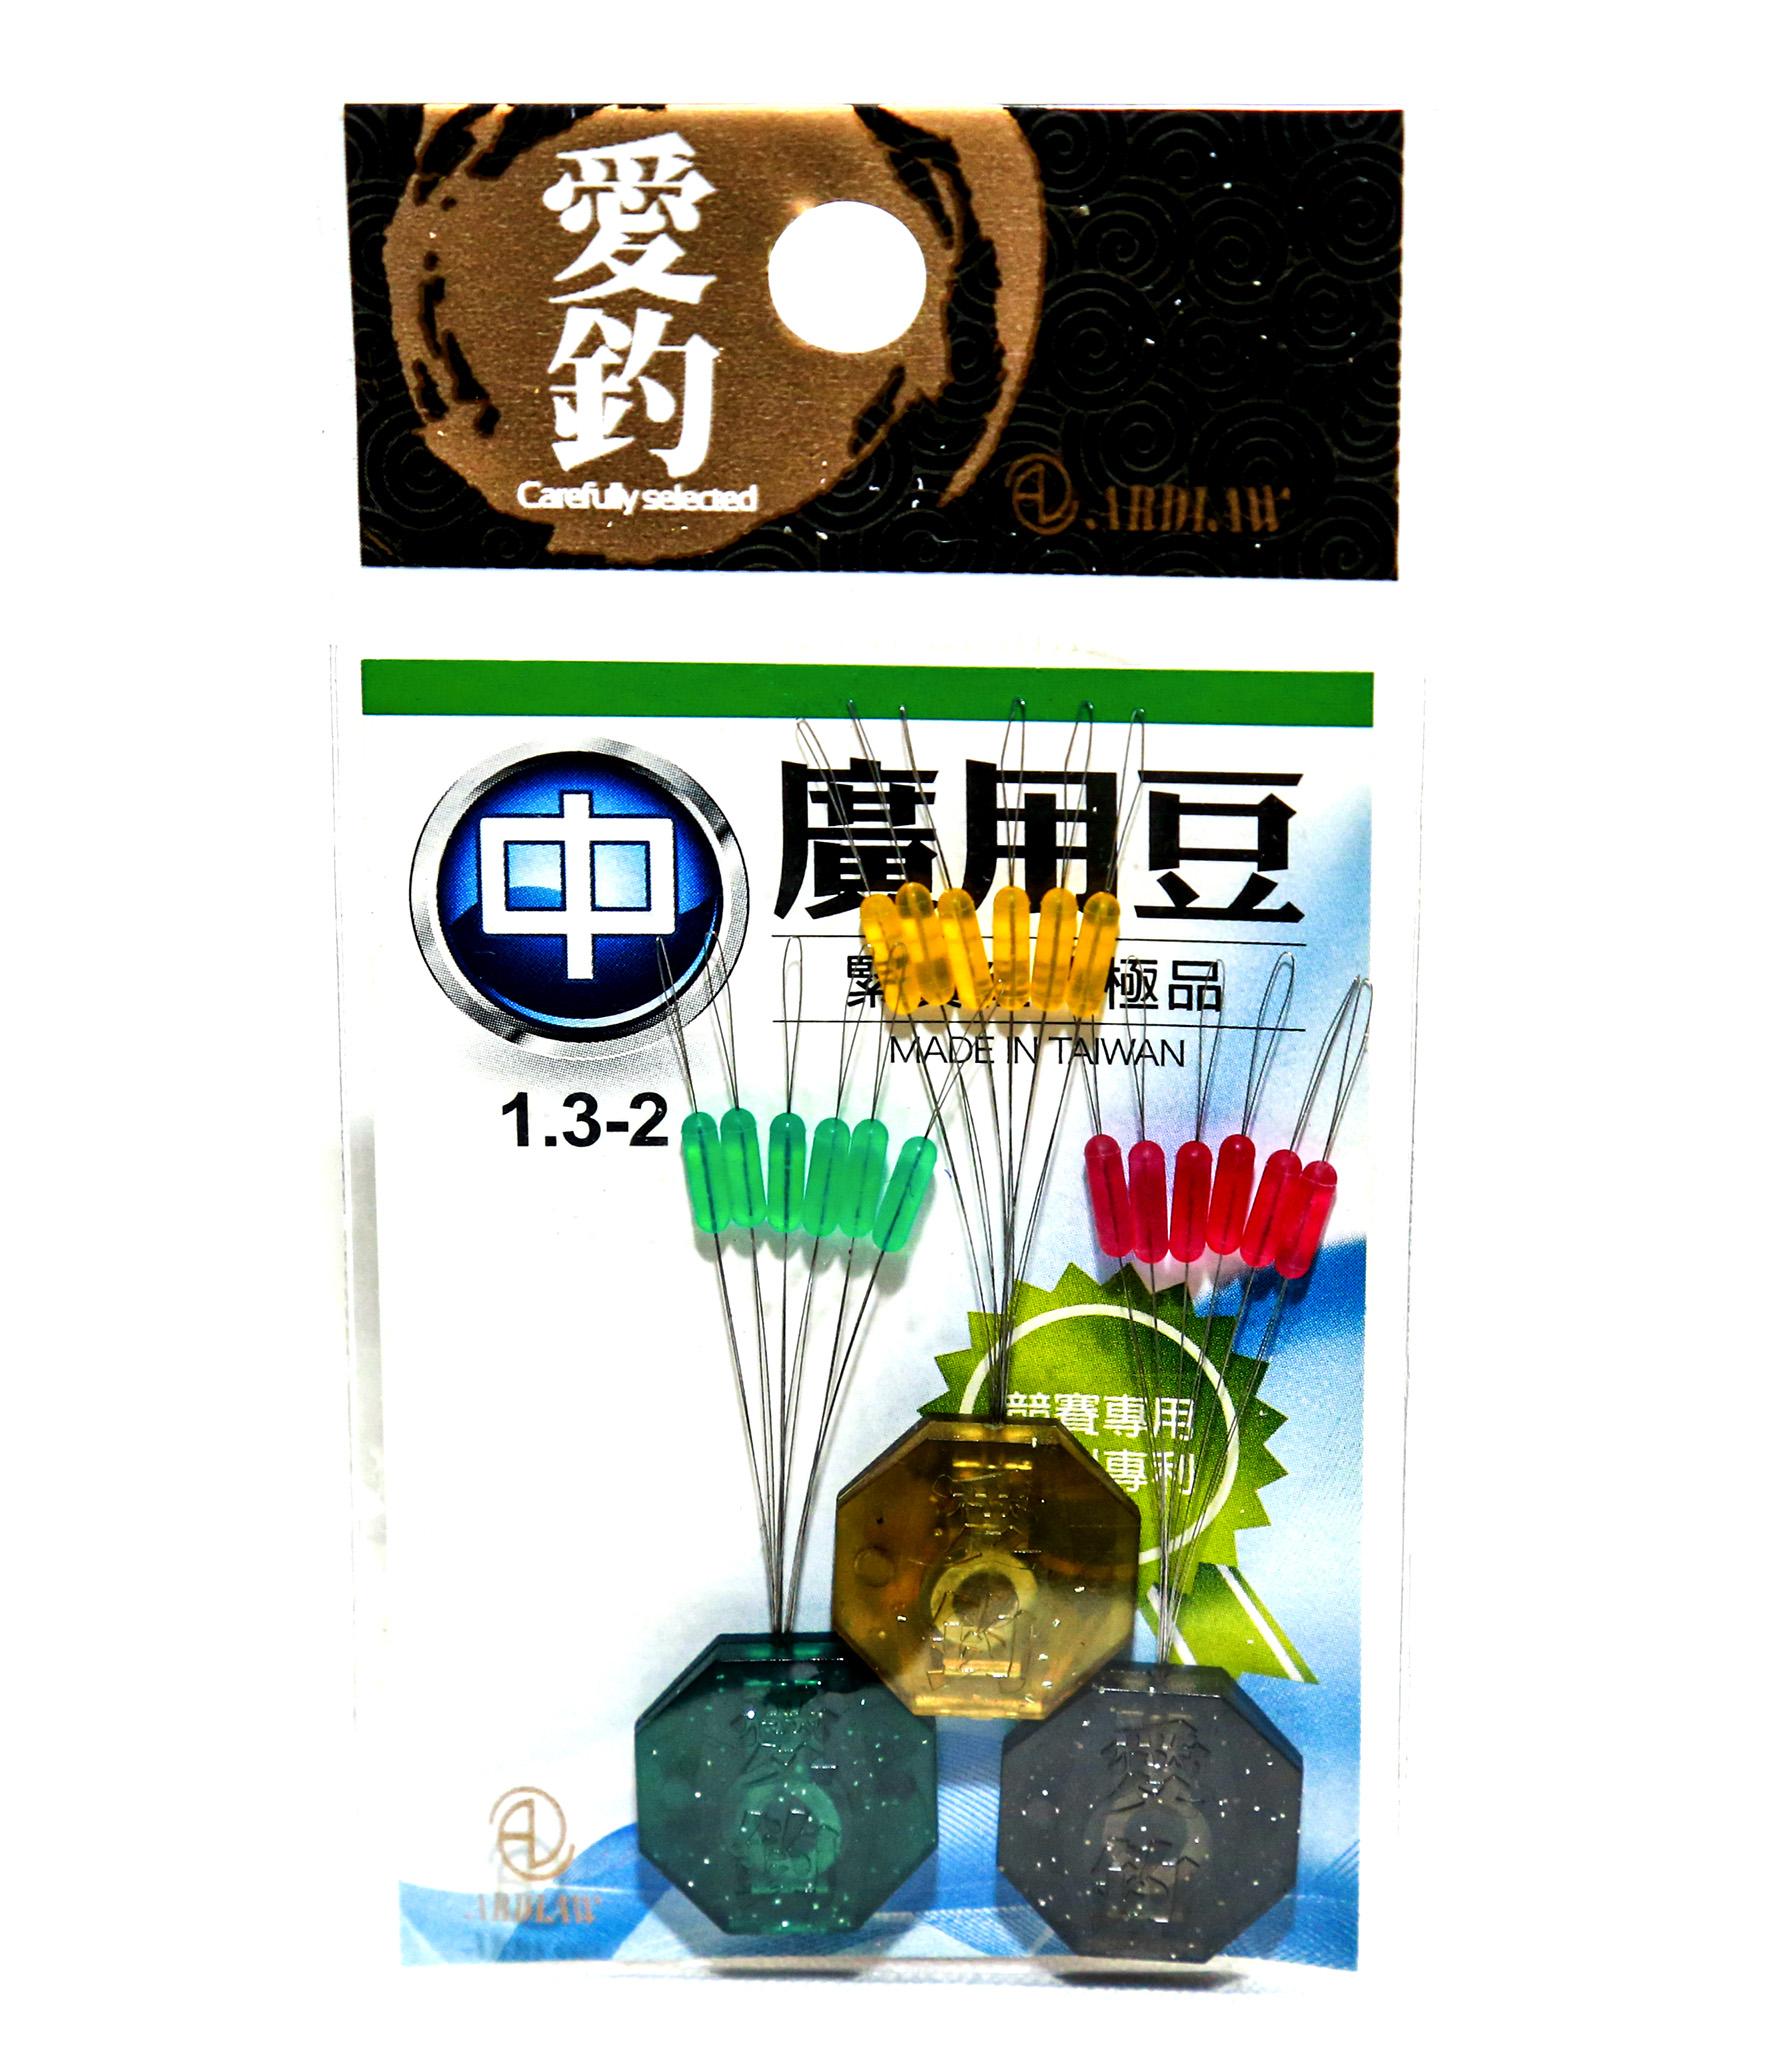 Chặn Phao (Xanh + vàng + đỏ) 1.3-2.0